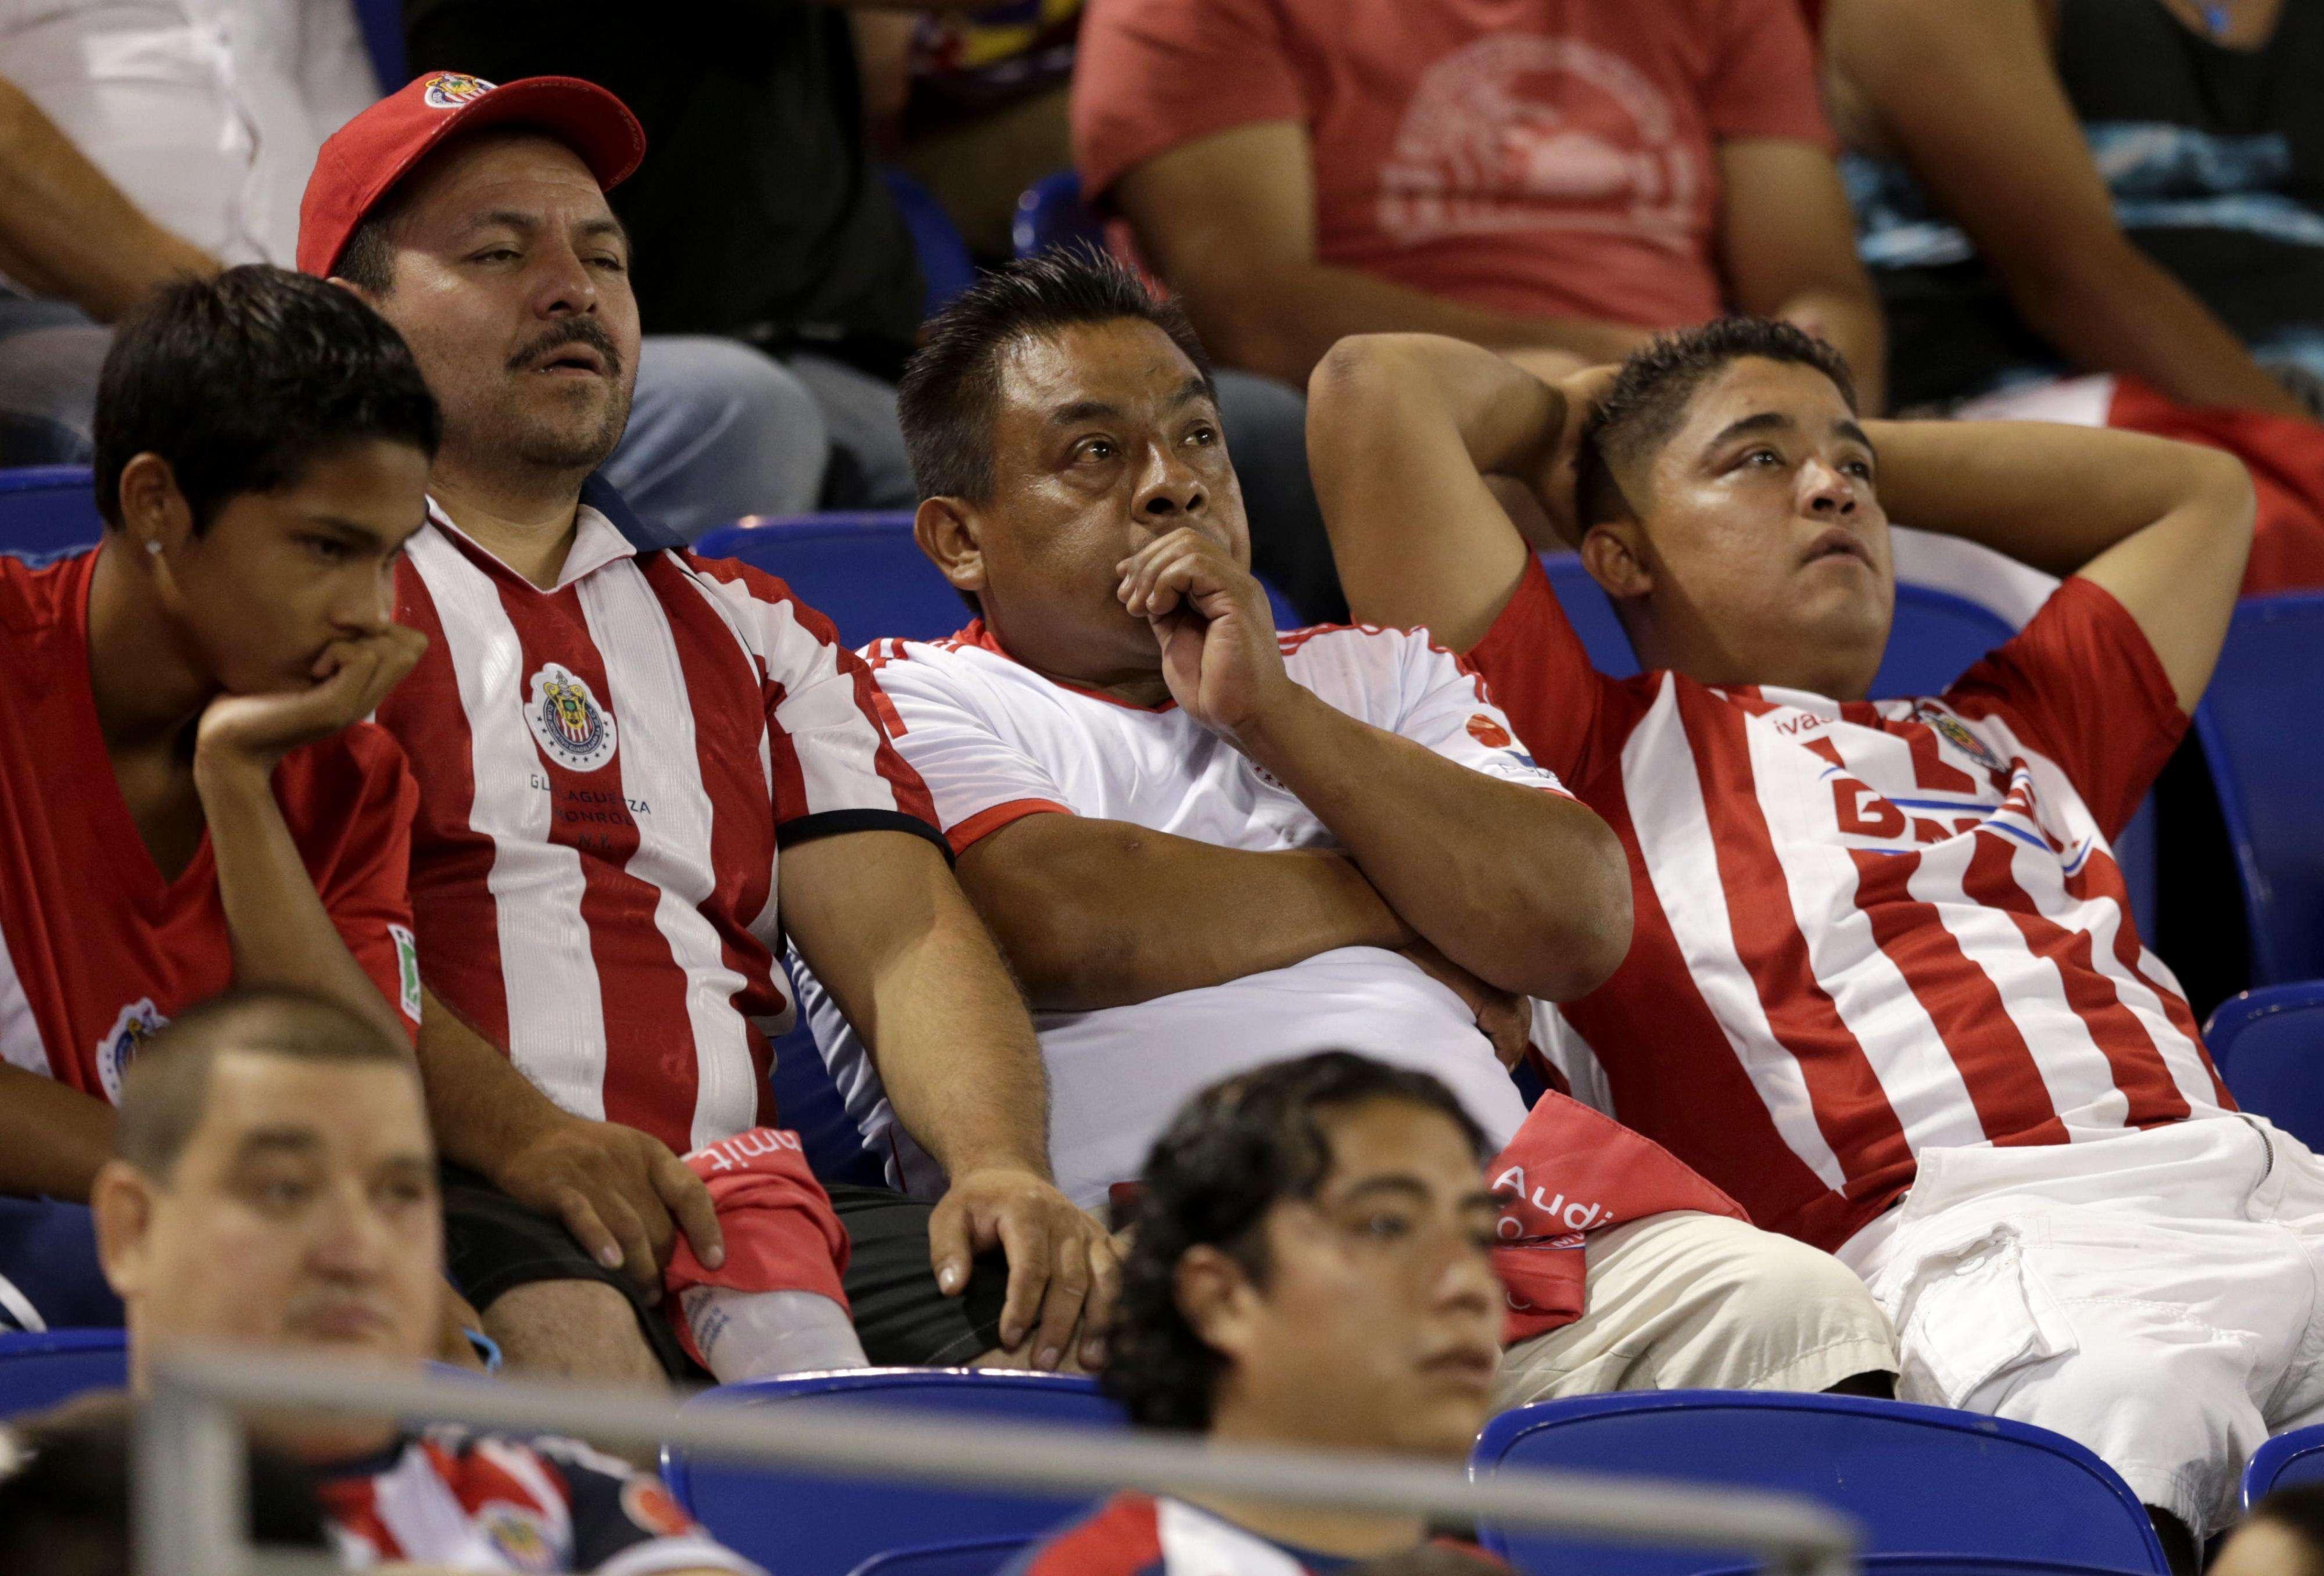 Chivas fans. Foto: AP en español